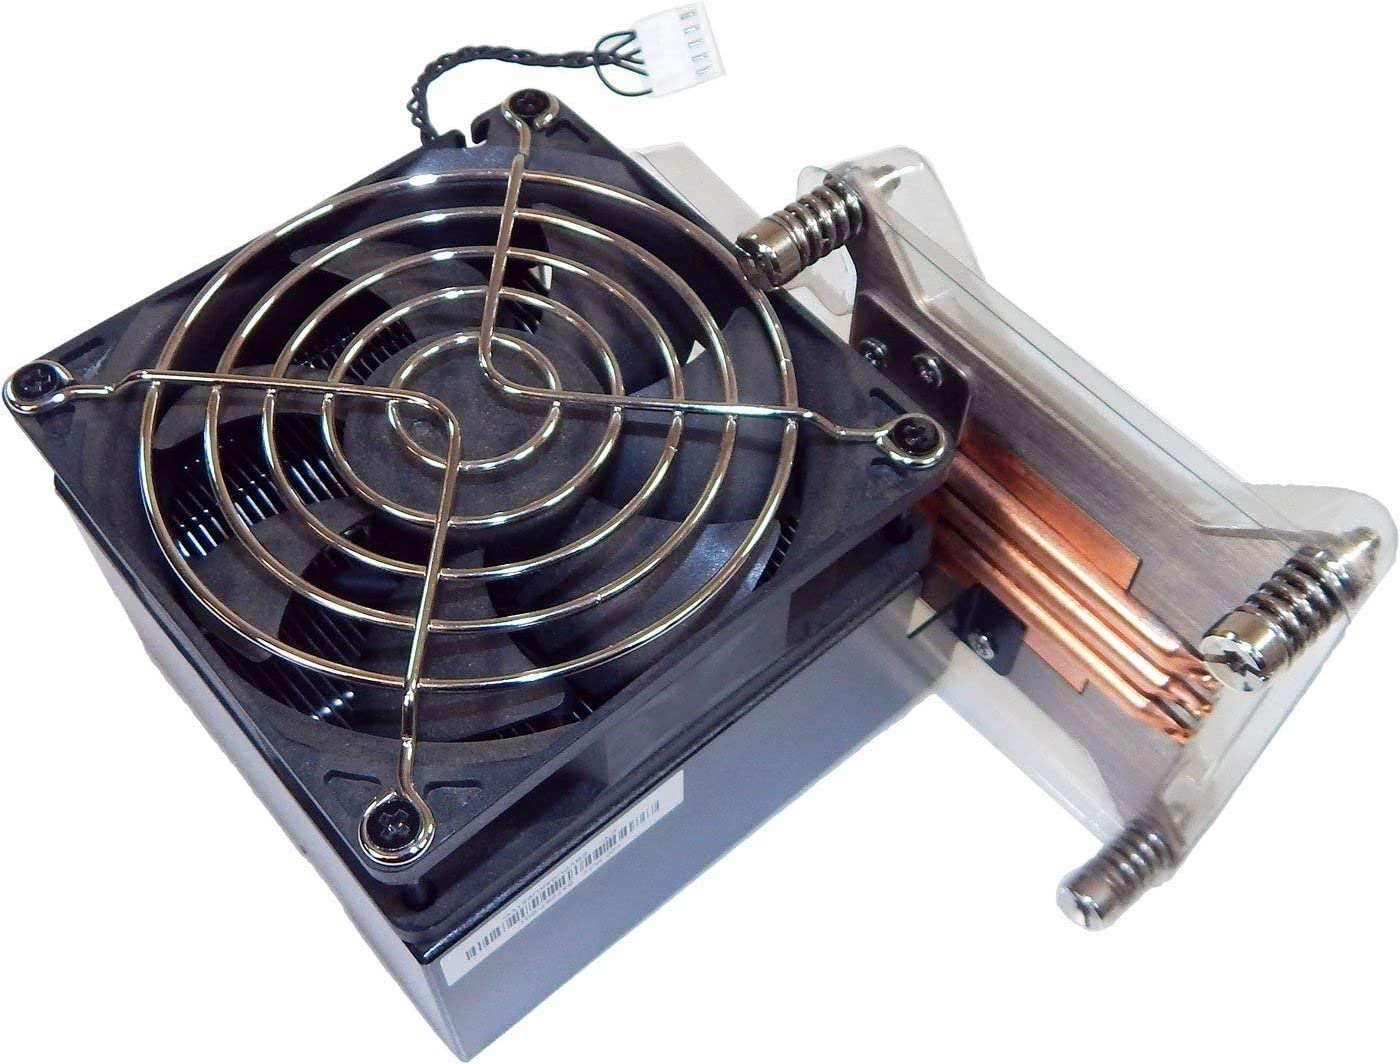 HP Z420 Z620 CPU Heatsink and Fan 647287-001 (Renewed)